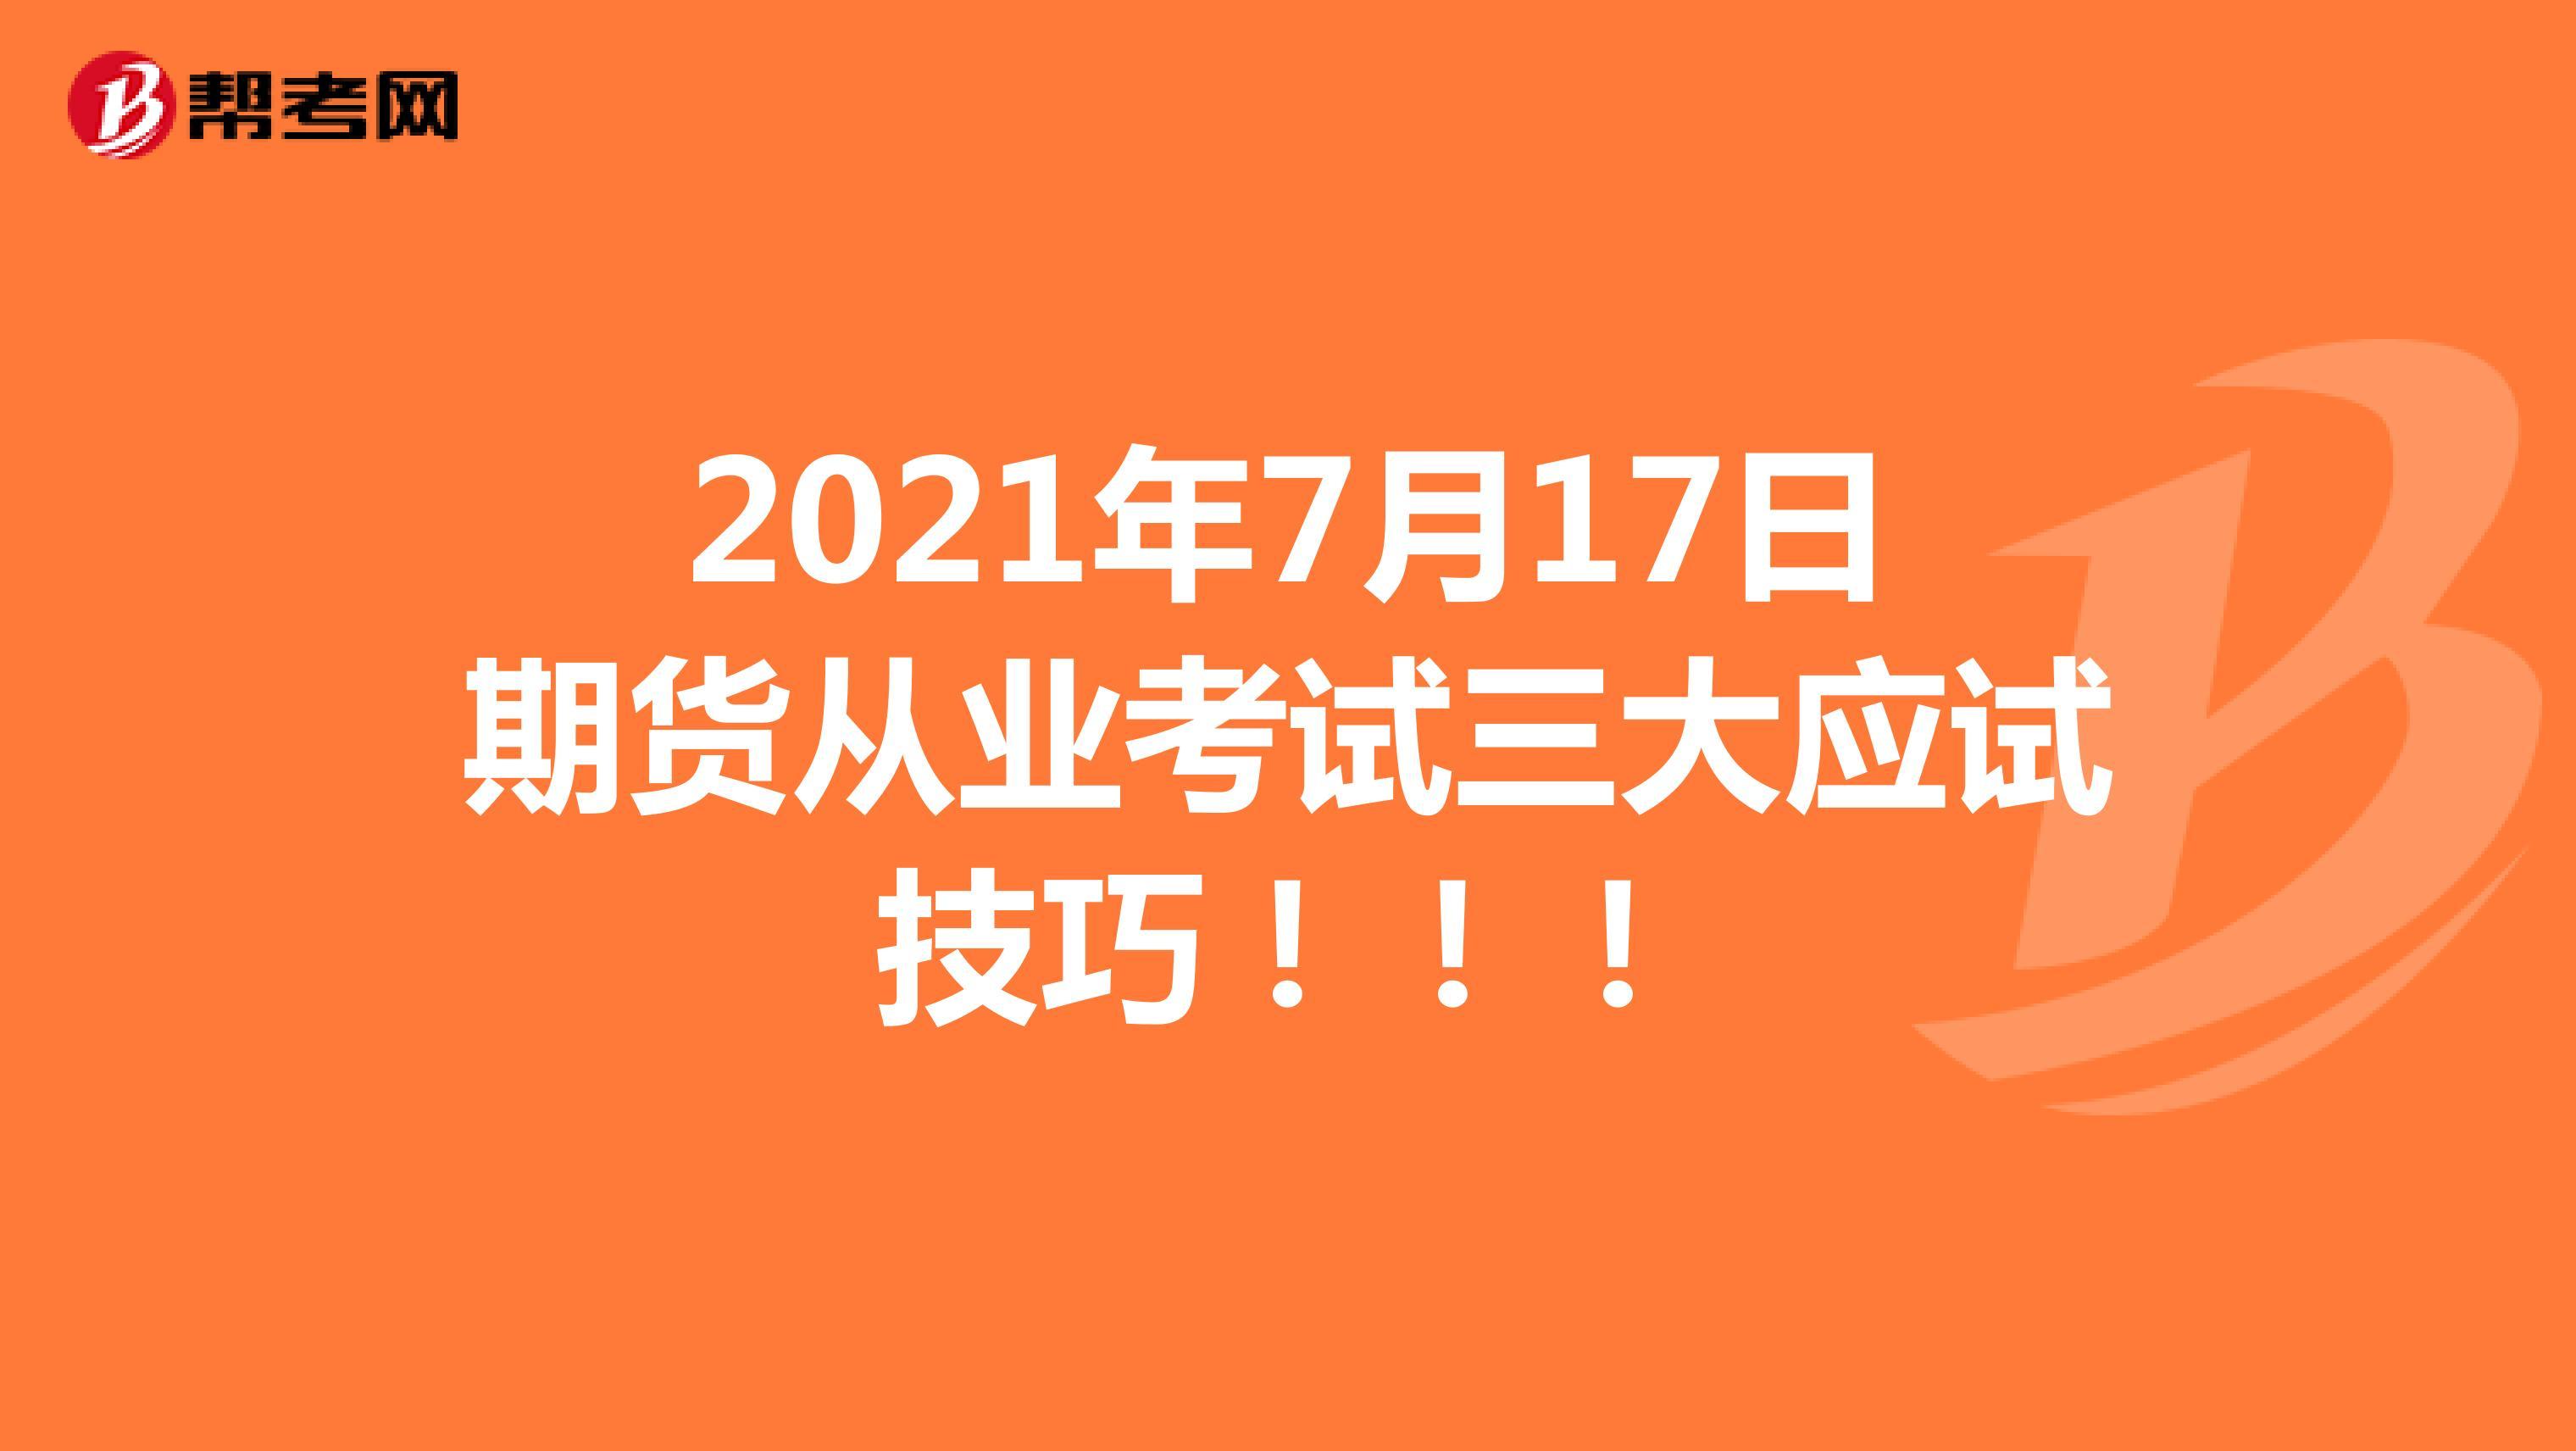 2021年7月17日期货从业考试三大应试技巧!!!